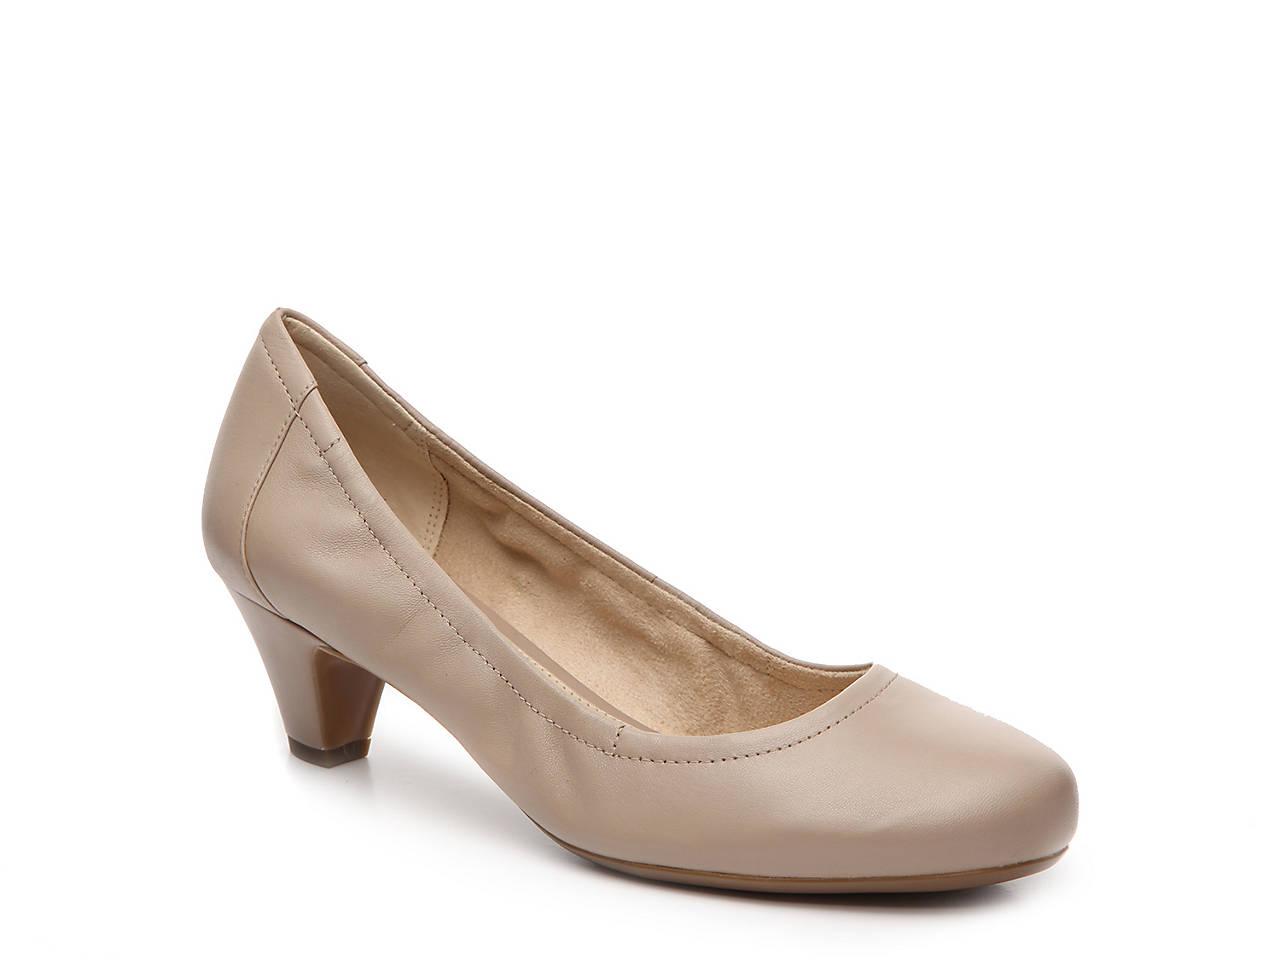 757199bc3a1 Naturalizer Stargaze Pump Women s Shoes